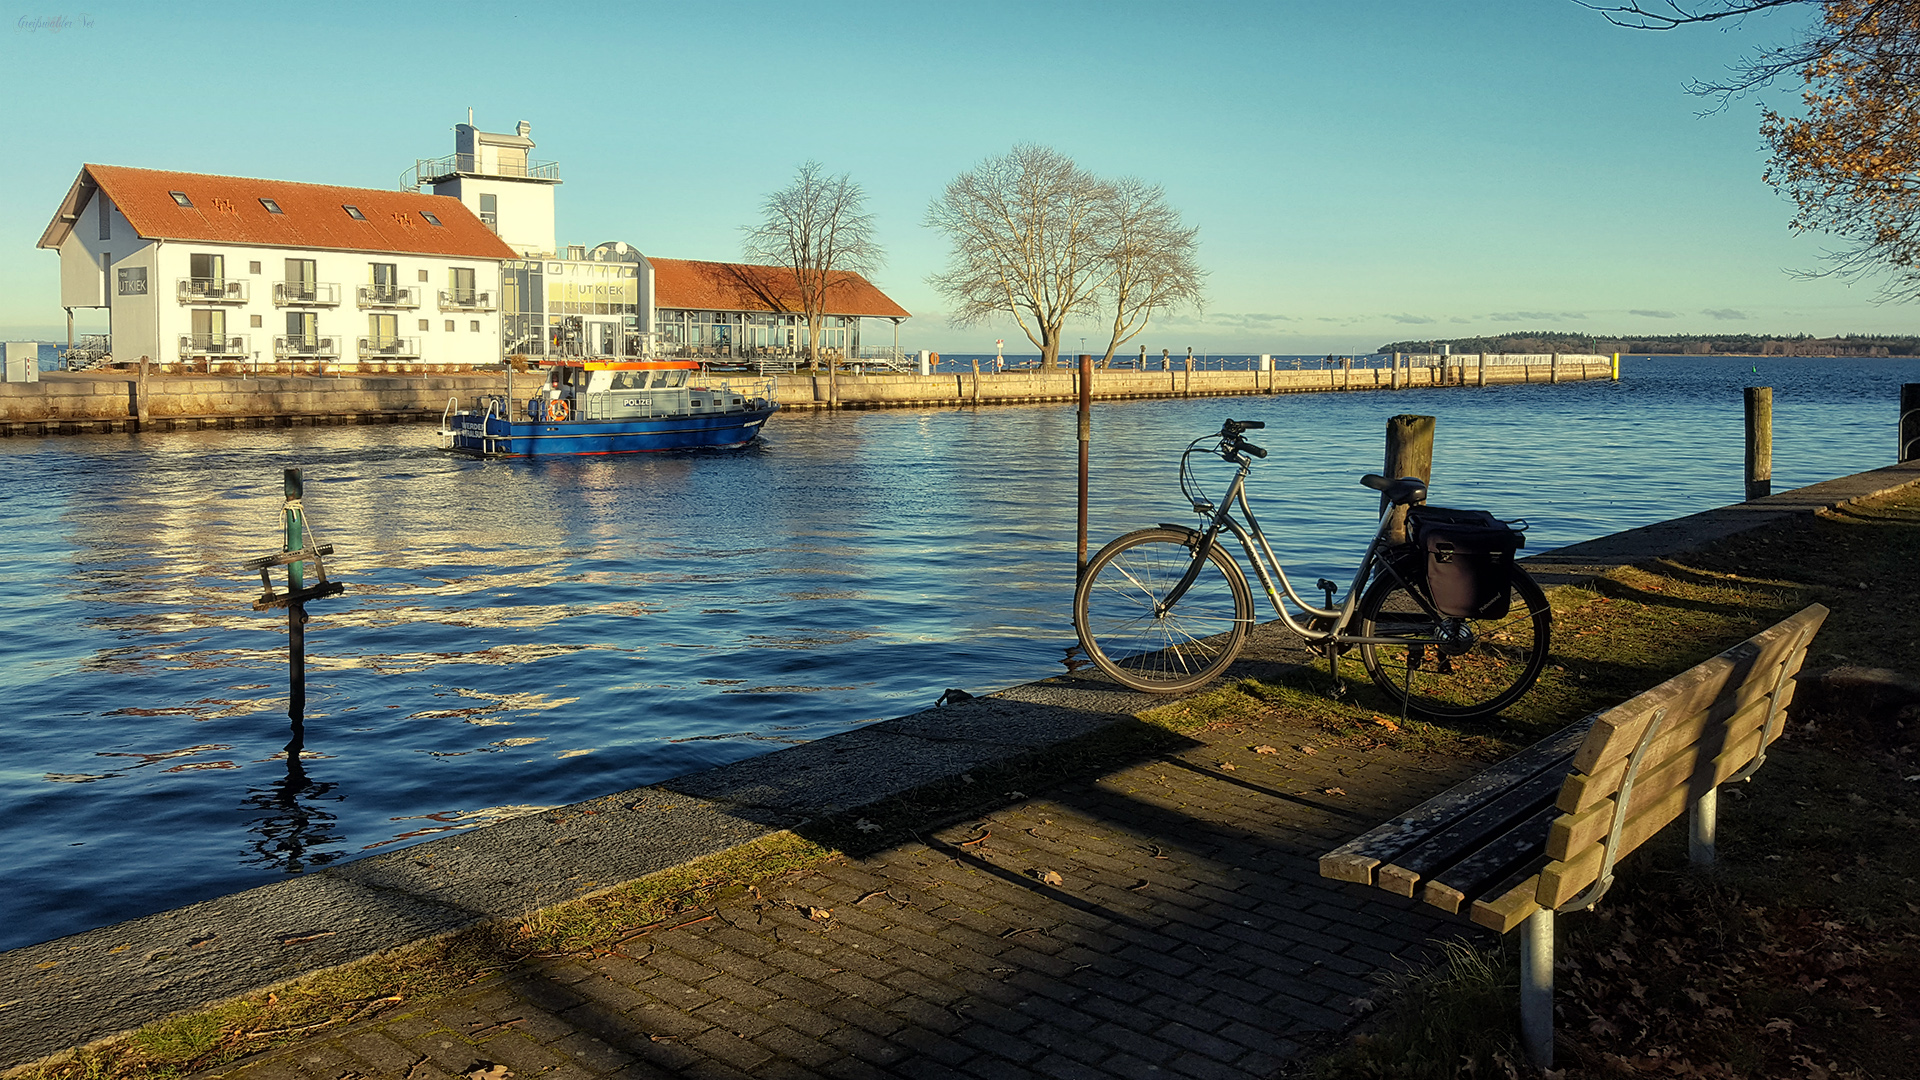 Lieblingsplatz in Greifswald-Wieck